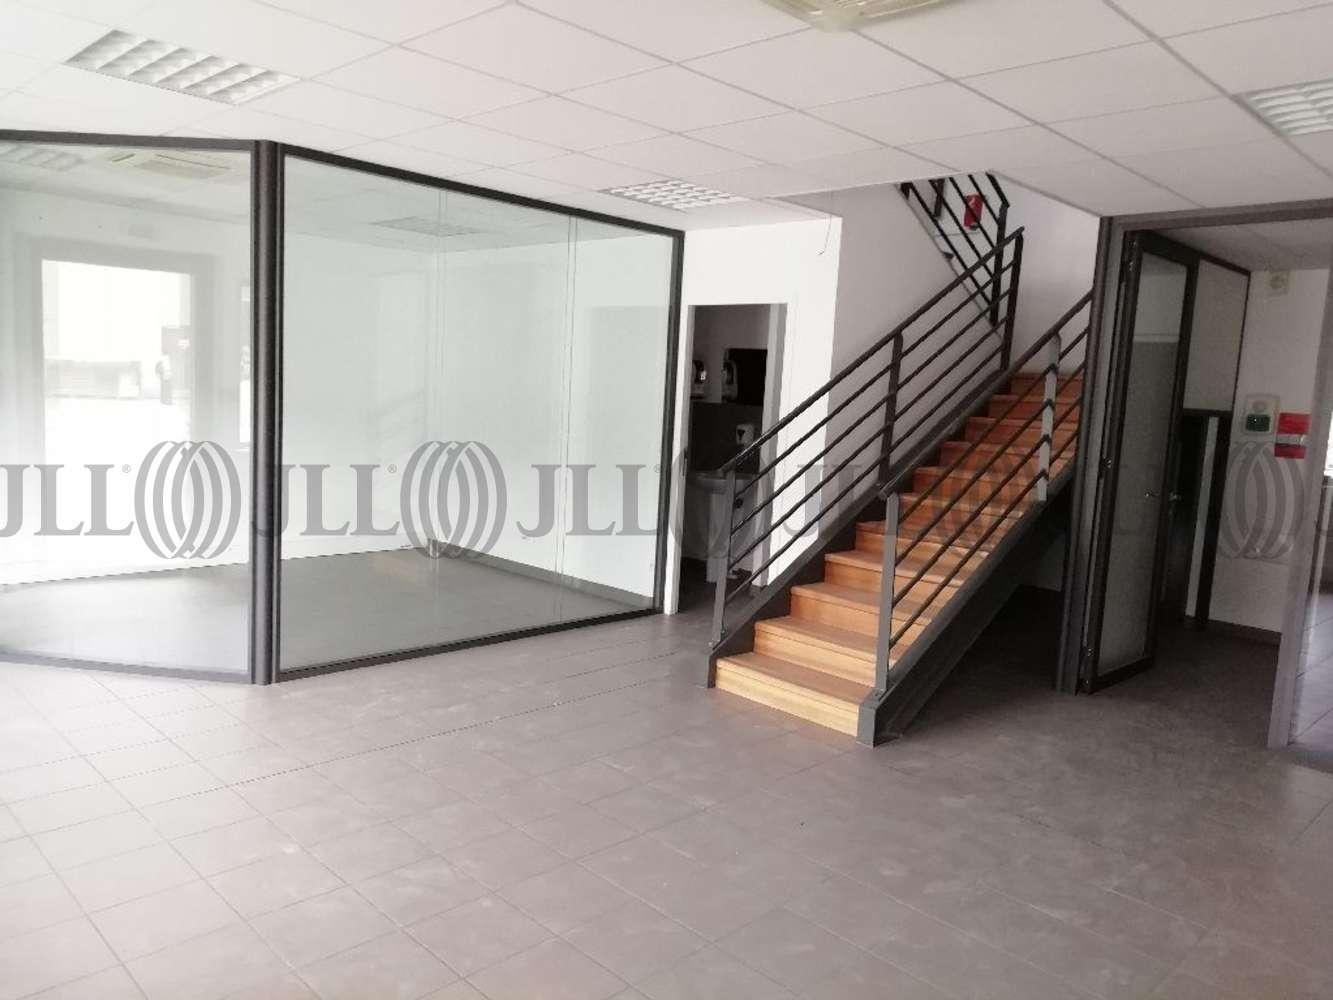 Activités/entrepôt Oullins, 69600 - Location entrepot Lyon Sud - Oullins - 10873799